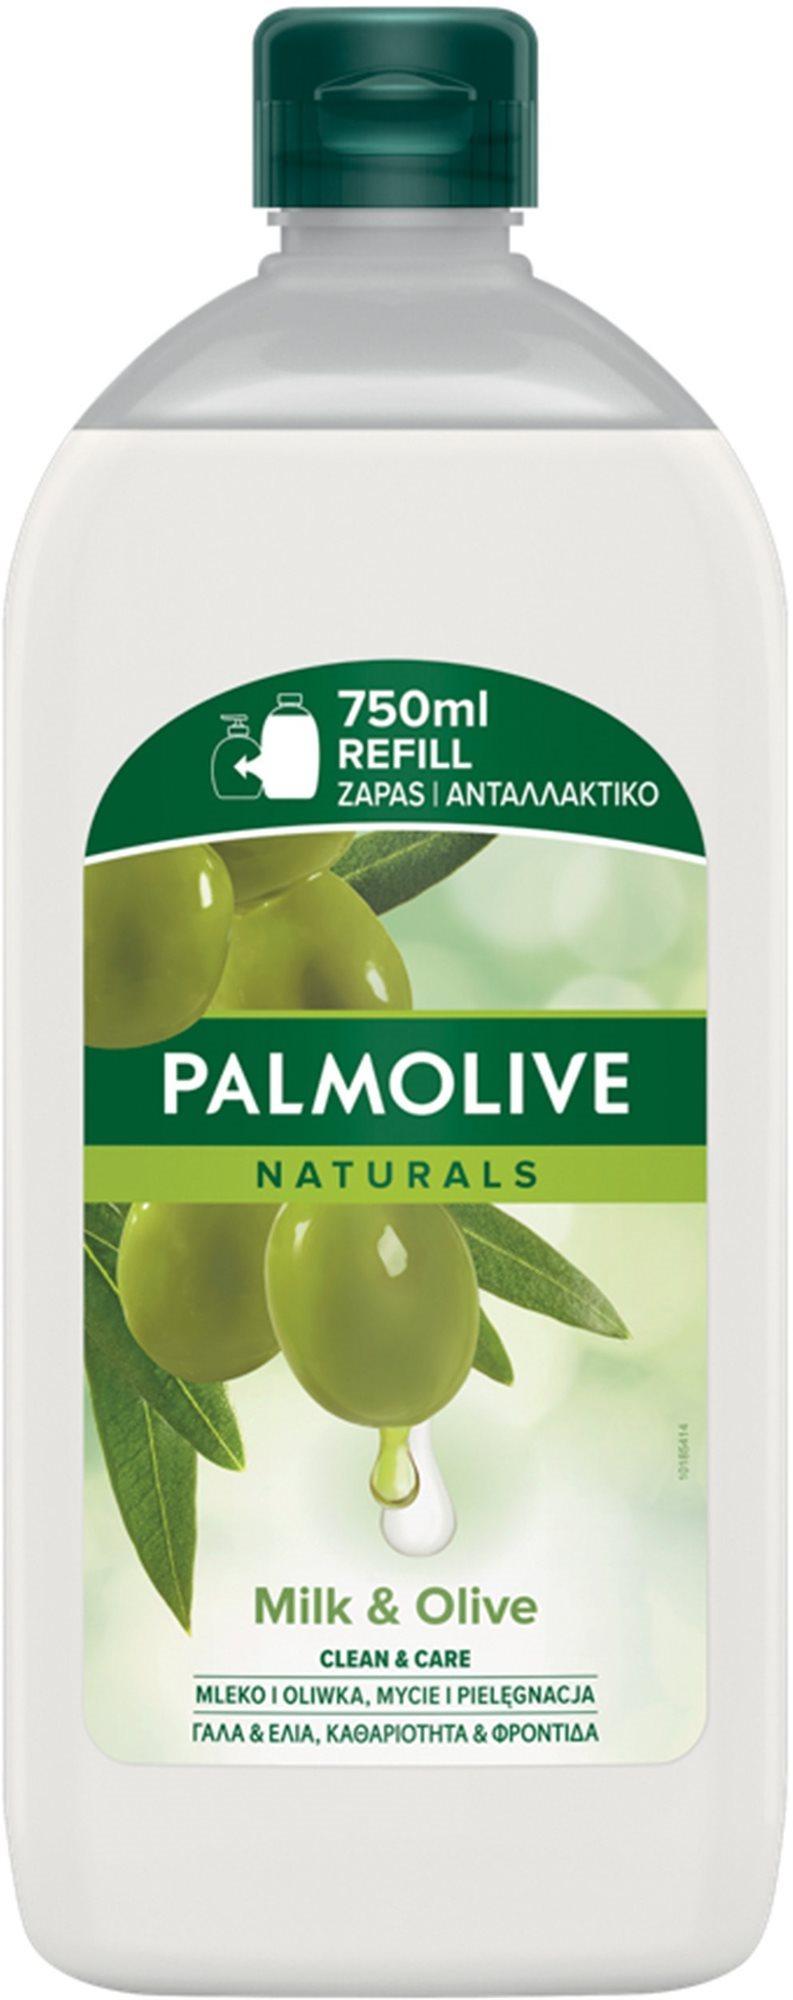 PALMOLIVE Naturals Ultra Moisturization folyékony szappan utántöltő olíva és aloe kivonattal - 750 ml utántöltő